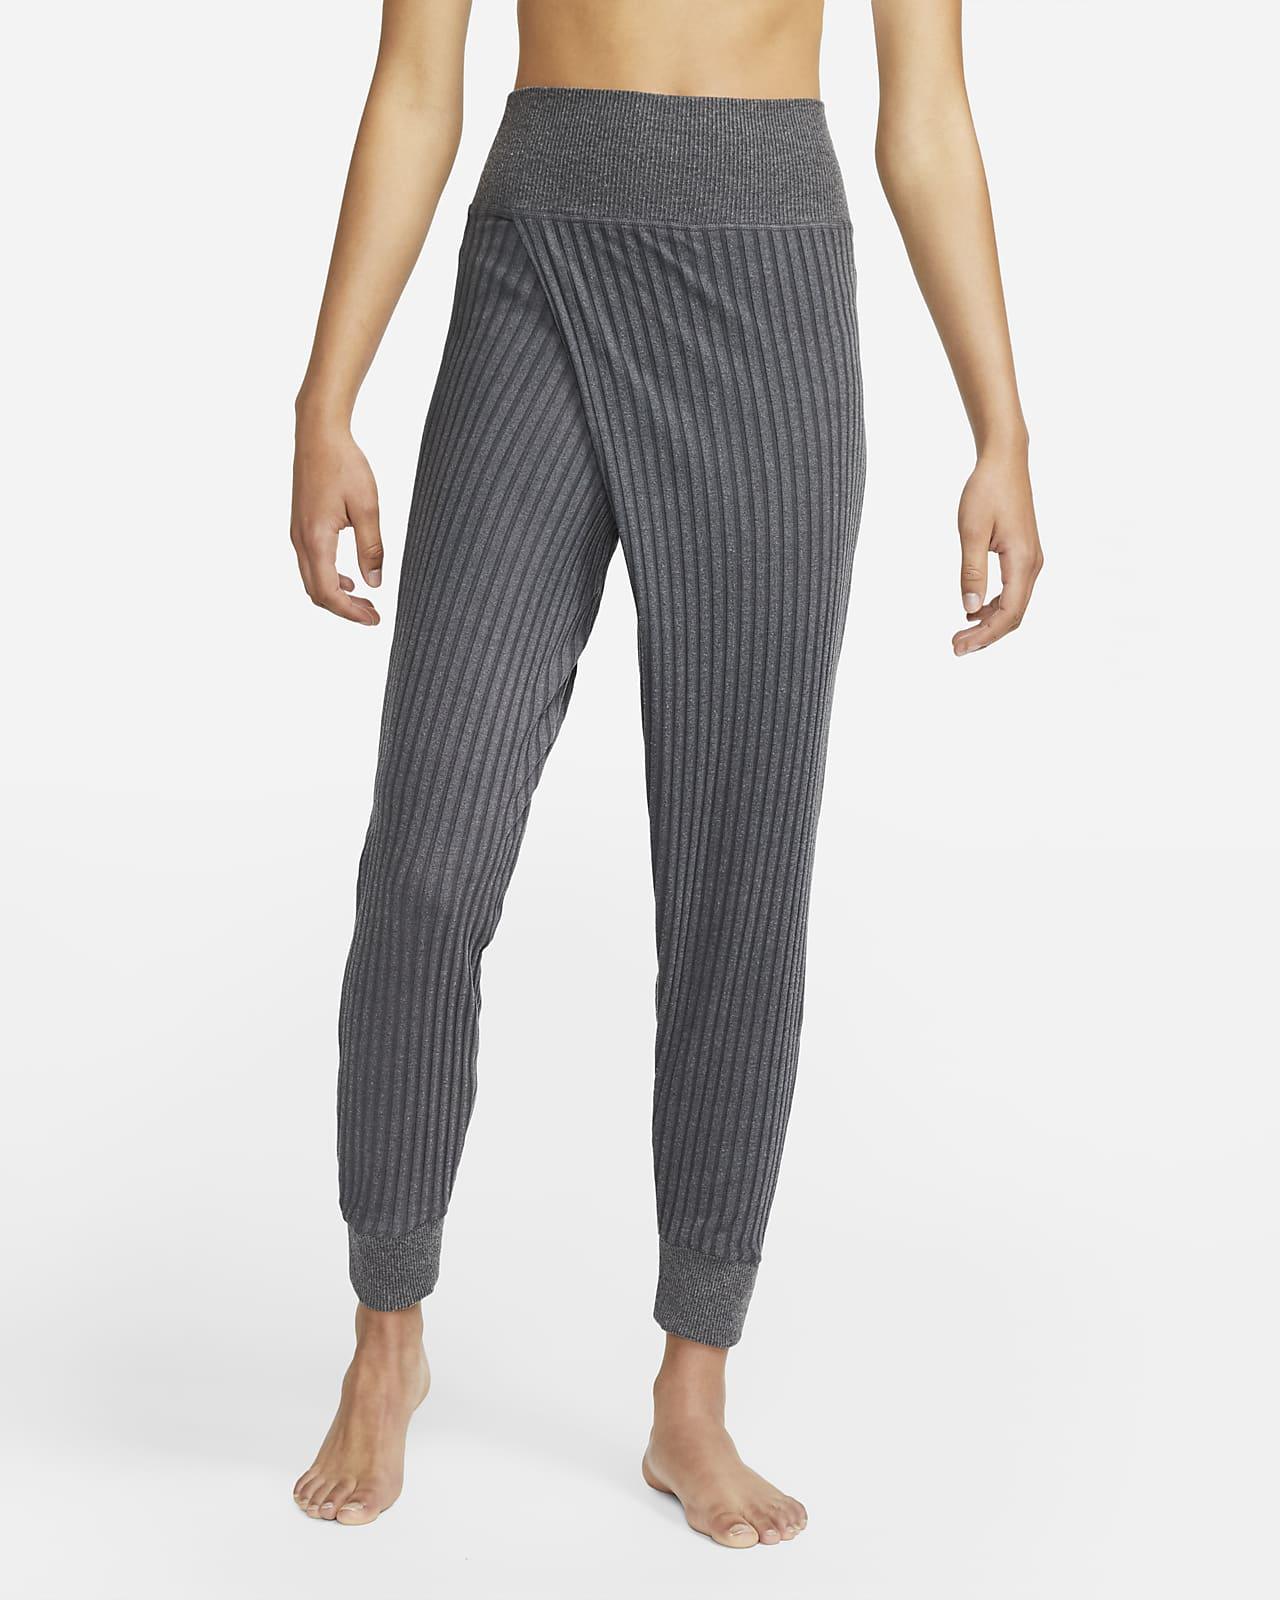 Nike Yoga Luxe Women's Ribbed Pants